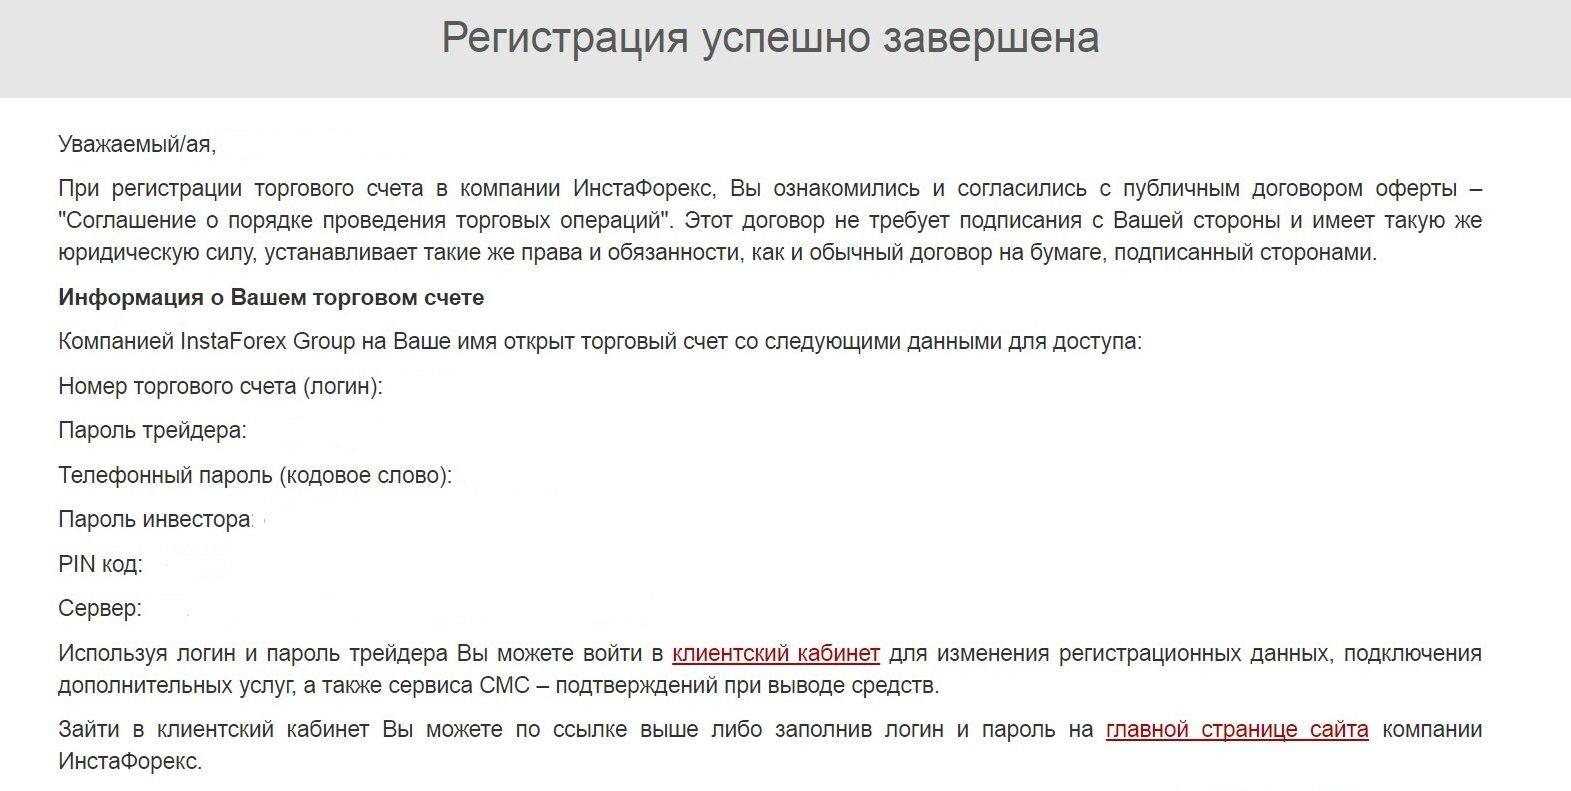 Вы успешно прошли регистрацию на официальном сайте ИнстаФорекс